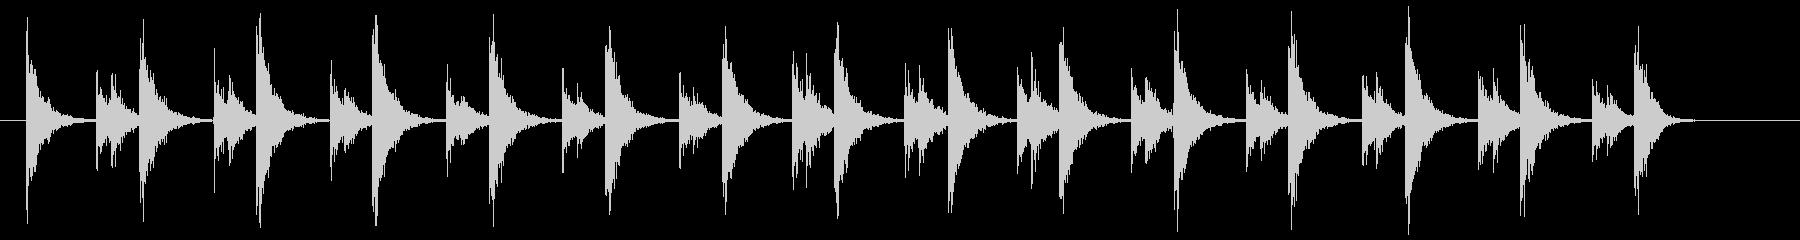 パーカッションドラムスローケーブ-...の未再生の波形